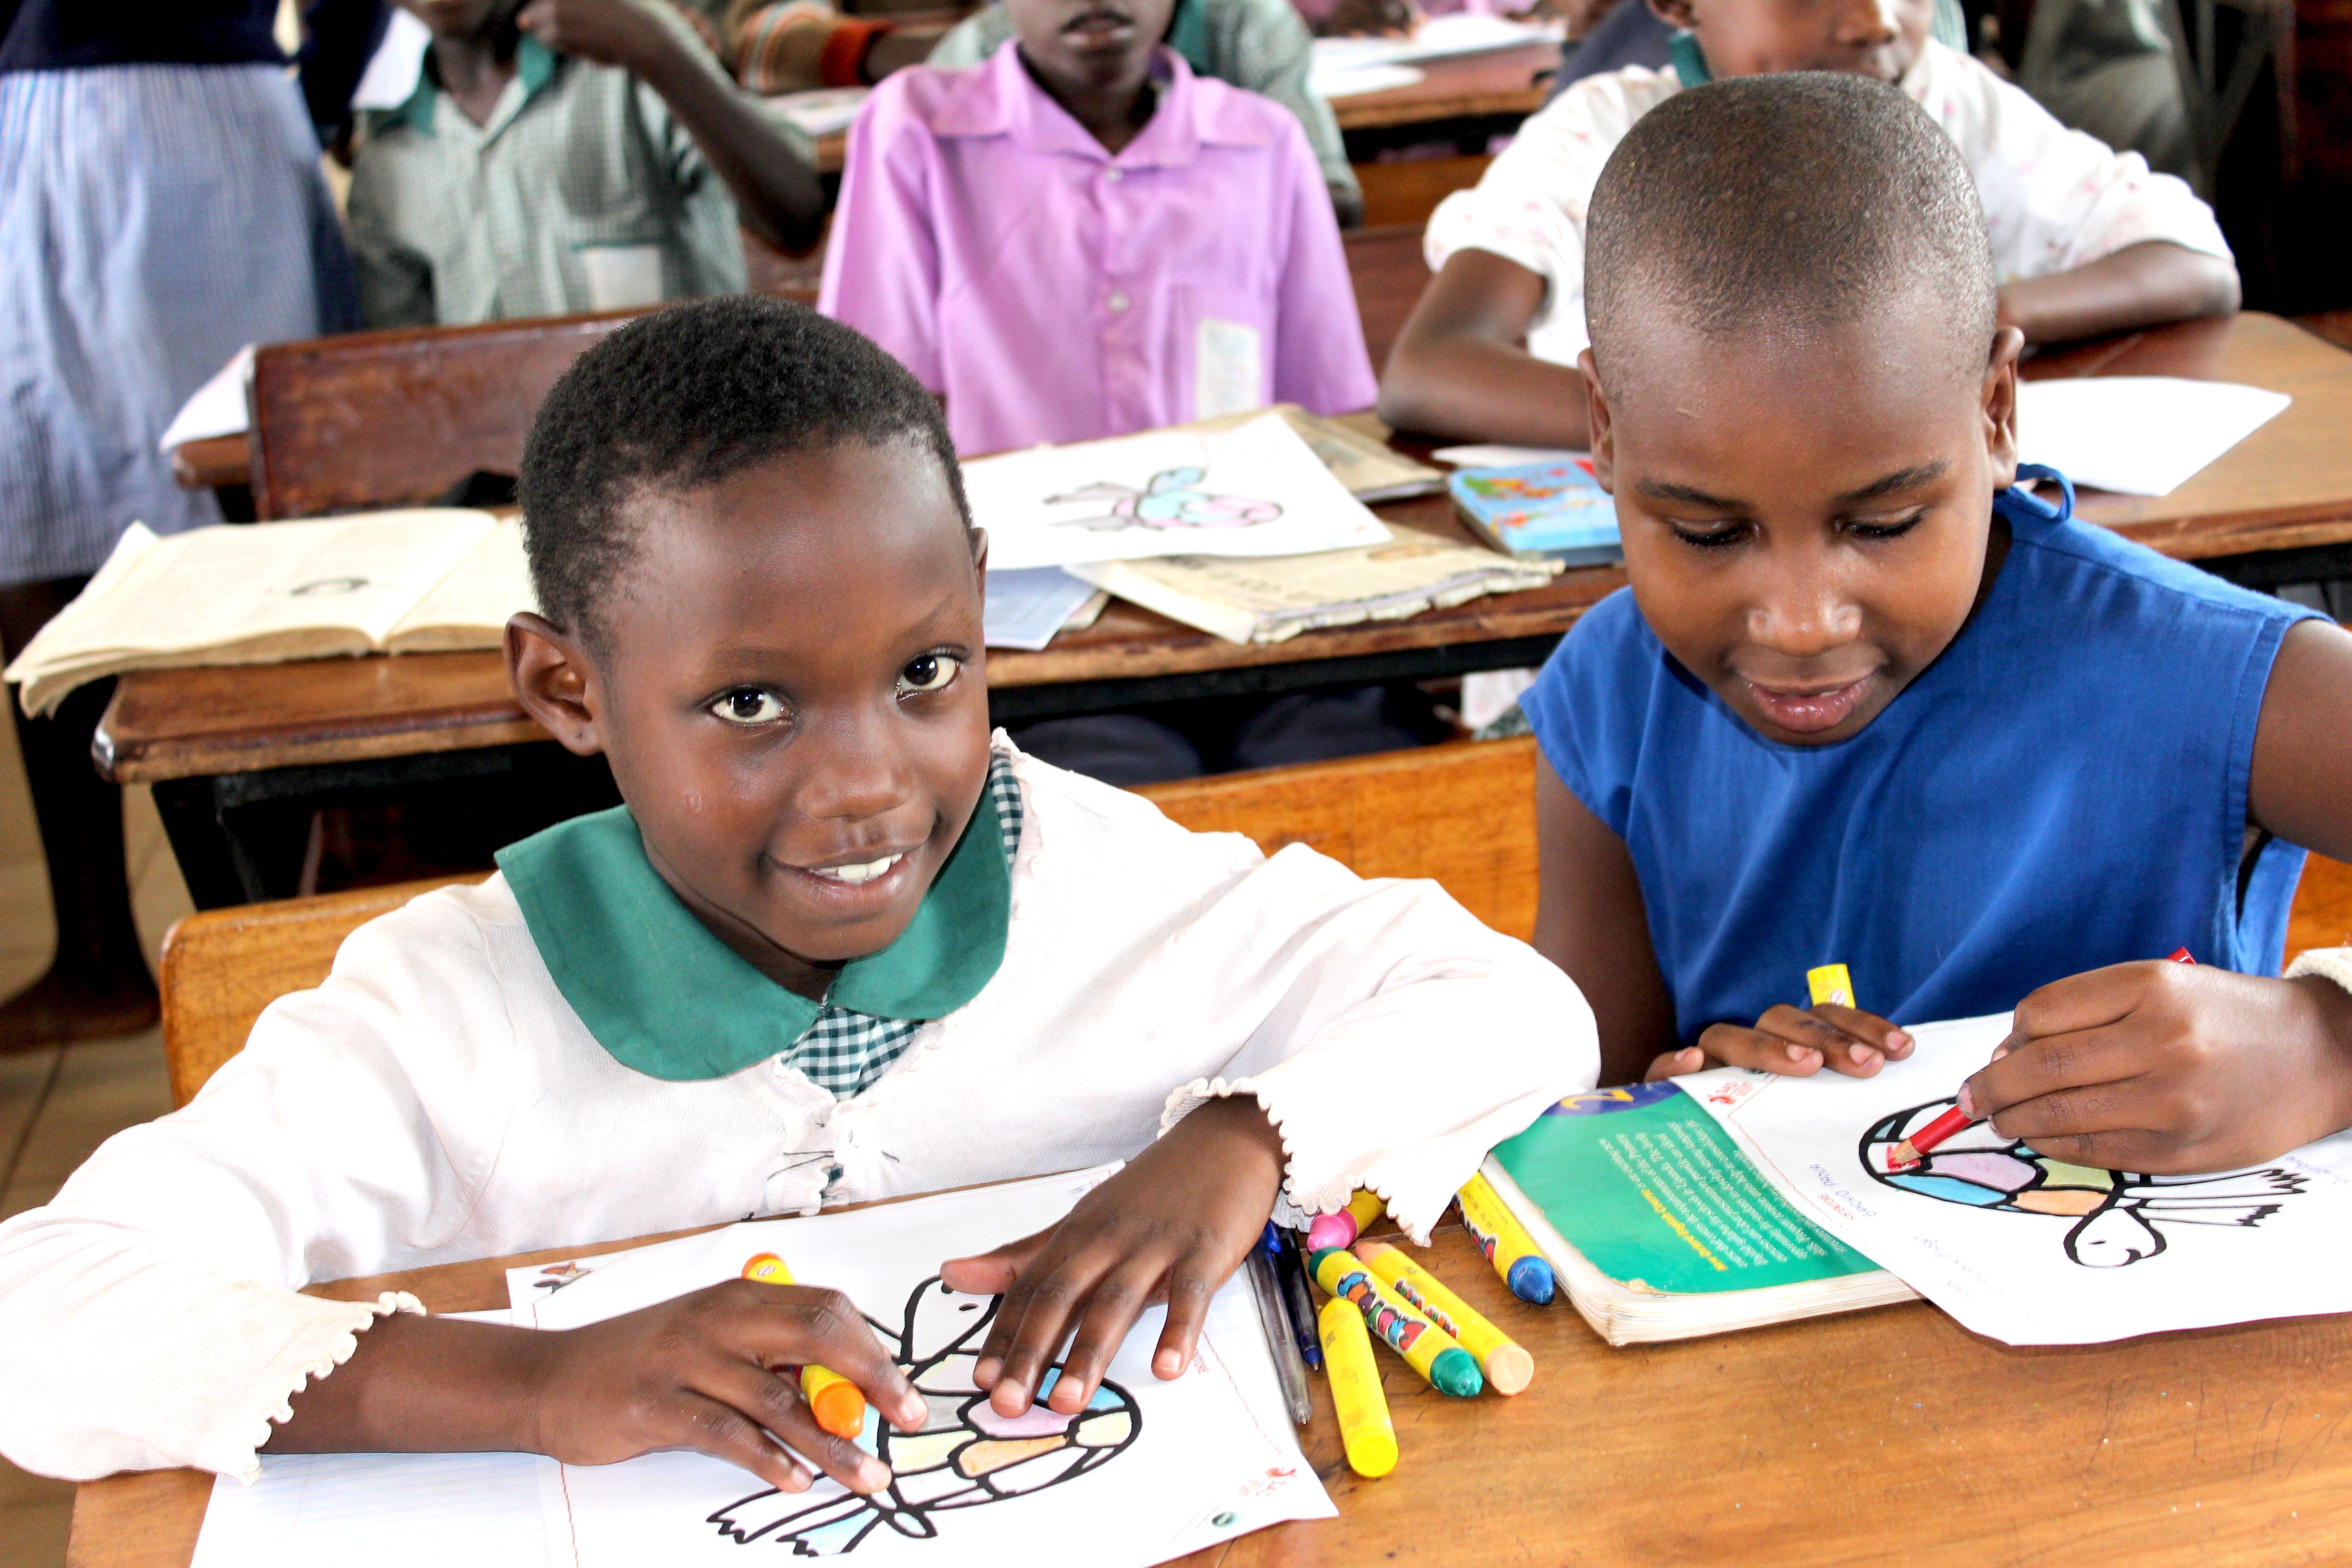 CHILDREN DURING THE ART CLASS